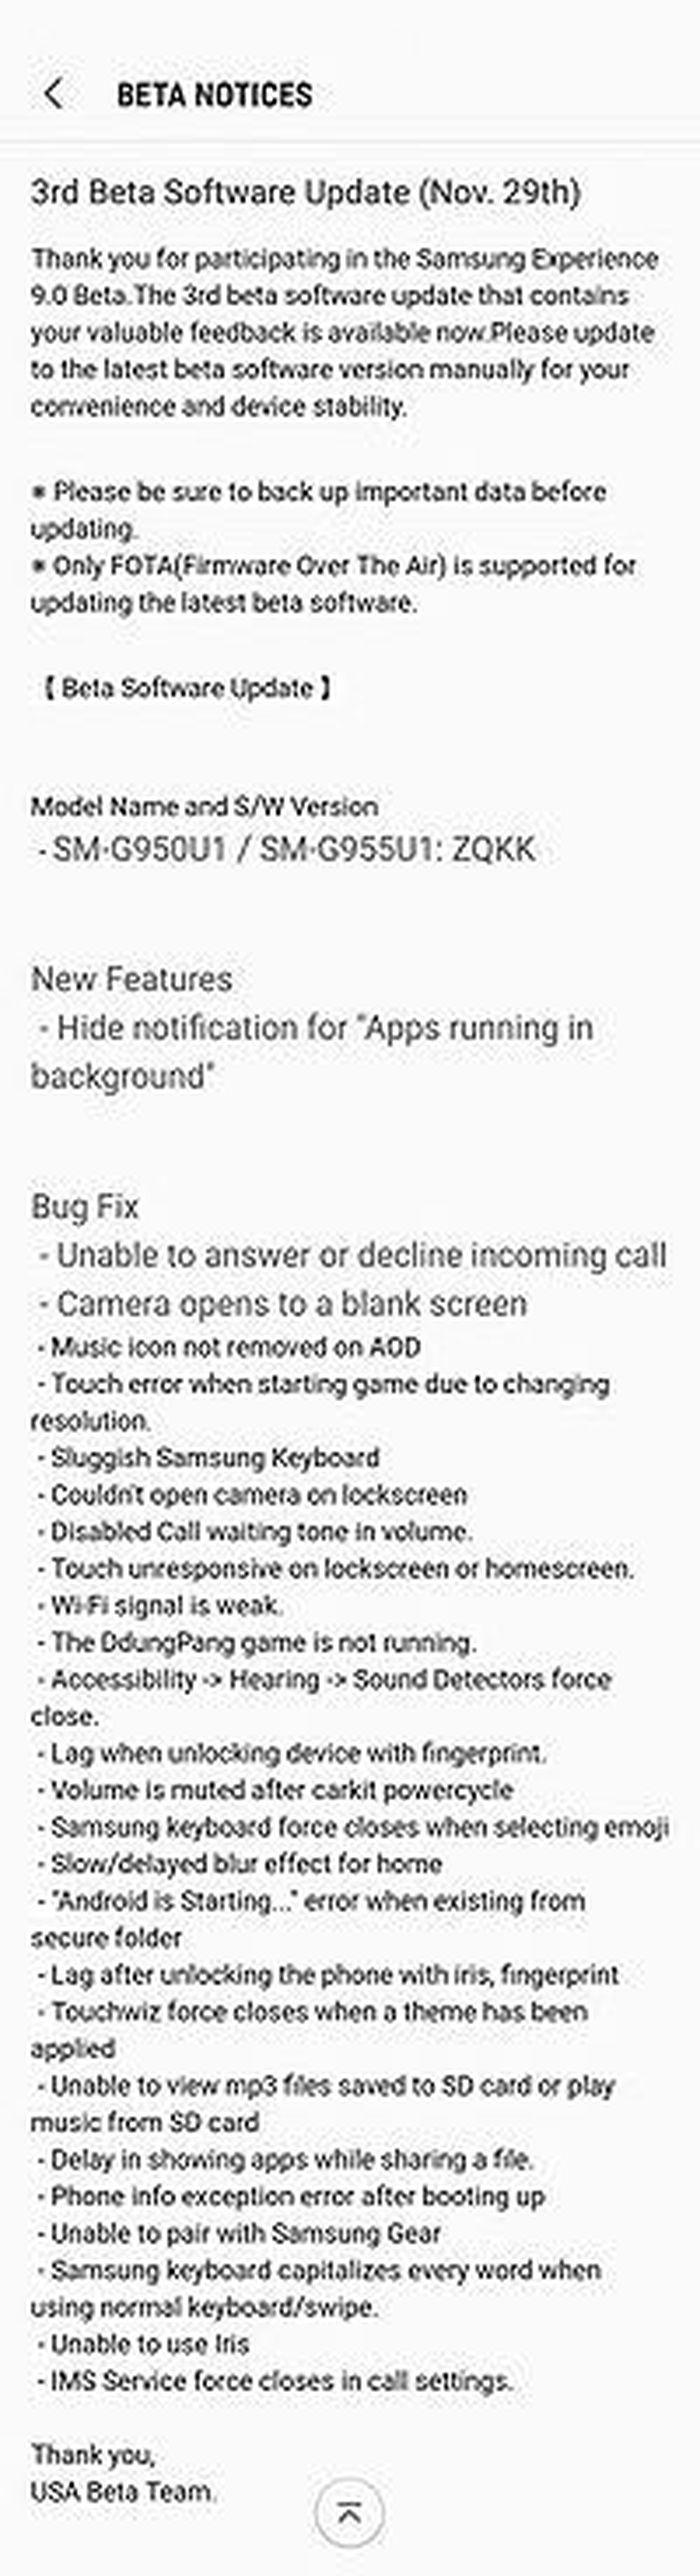 Samsung phát hành Android Oreo Beta 3 cho Galaxy S8 và S8+ ở